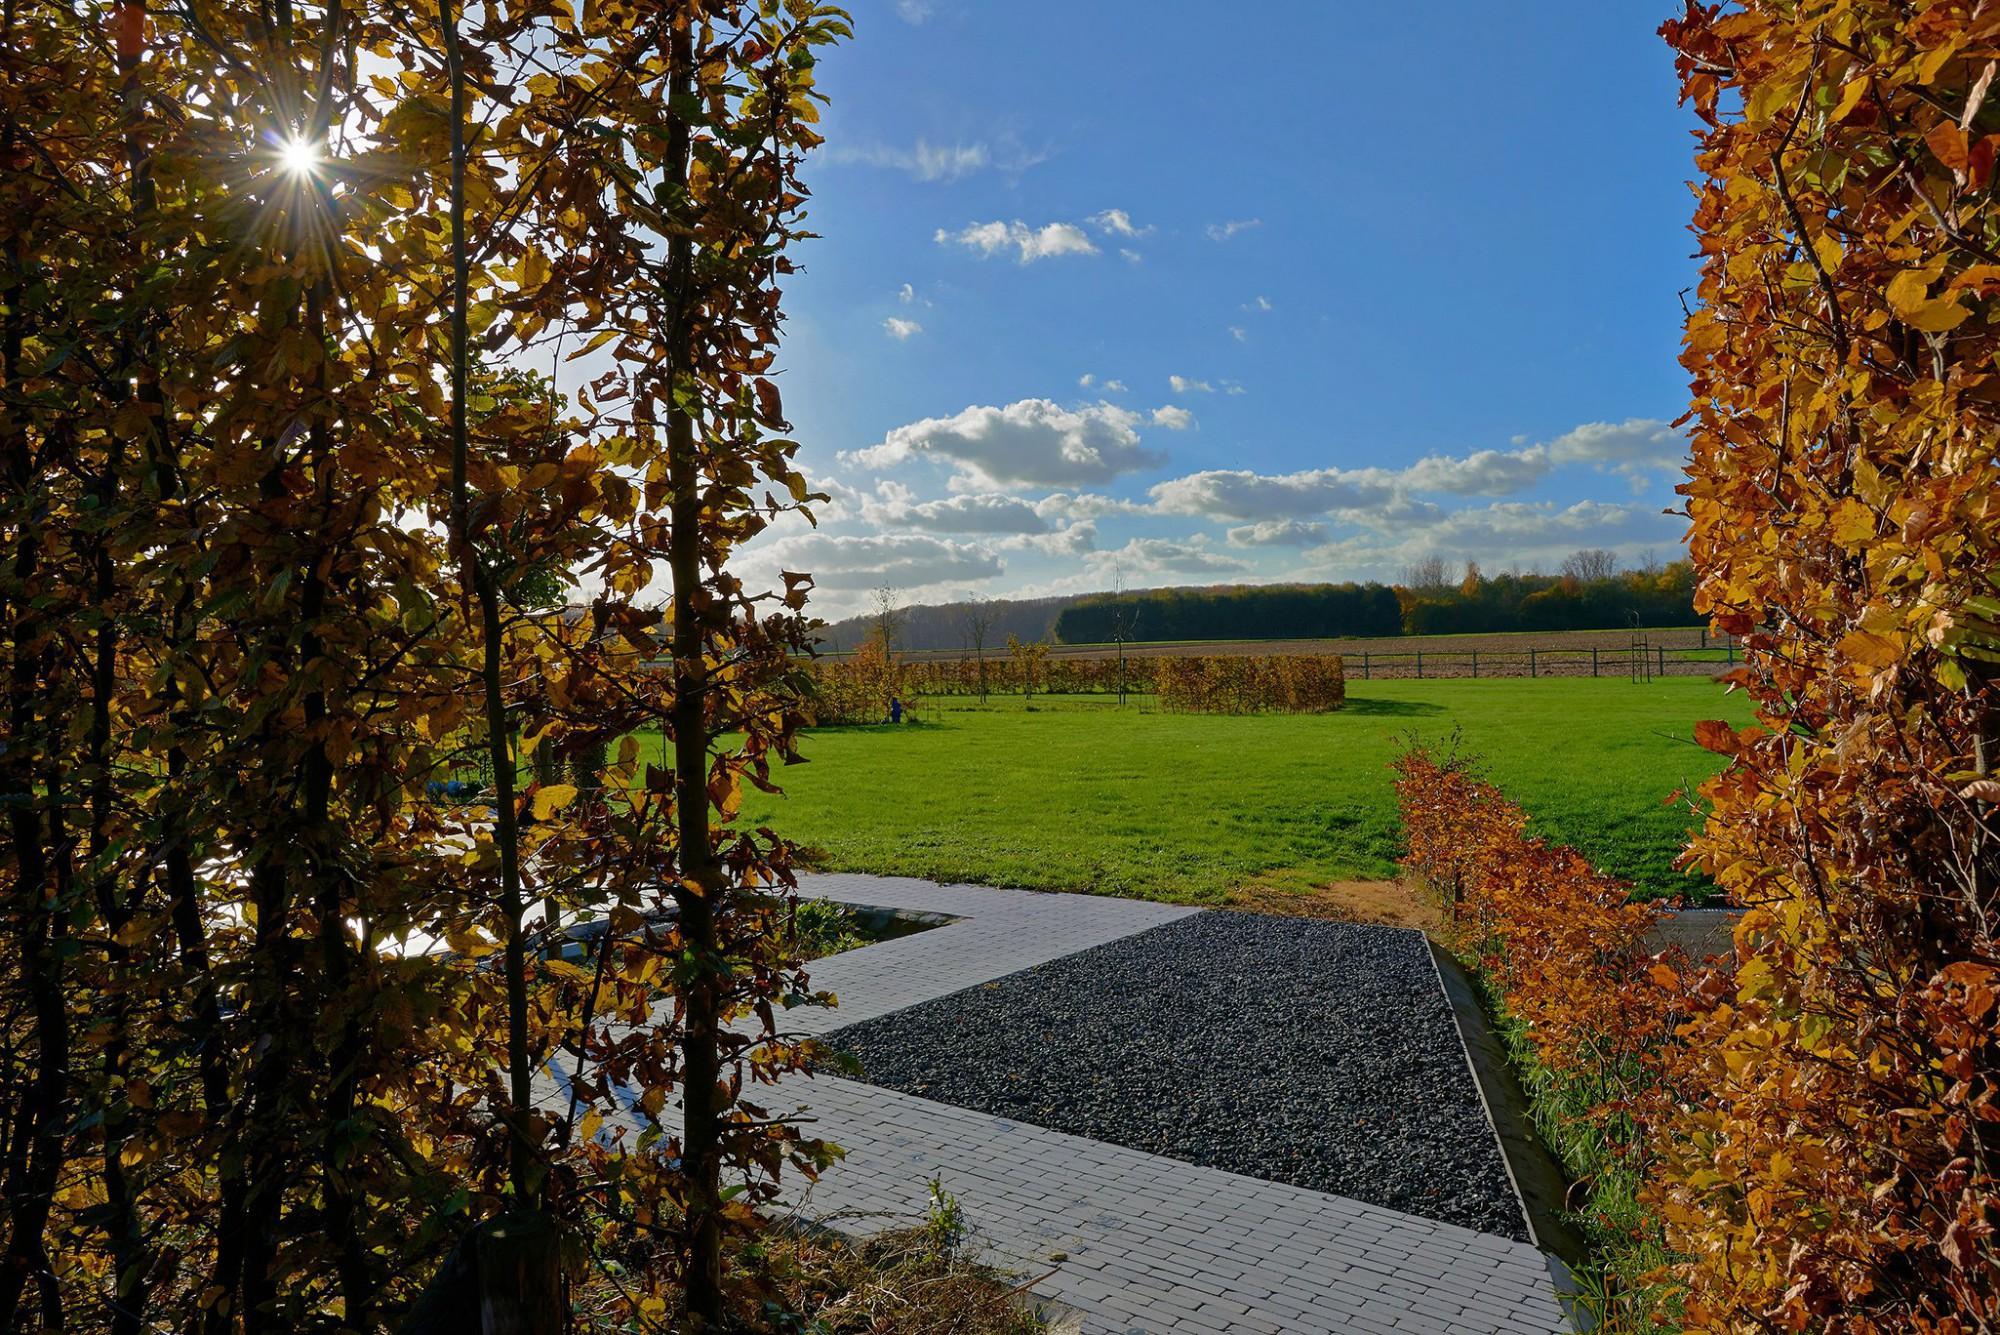 Afbeelding: Herfst, prachtige periode voor buiten fotografie,o.a. fotografie van tuinen voor © Duo Verde